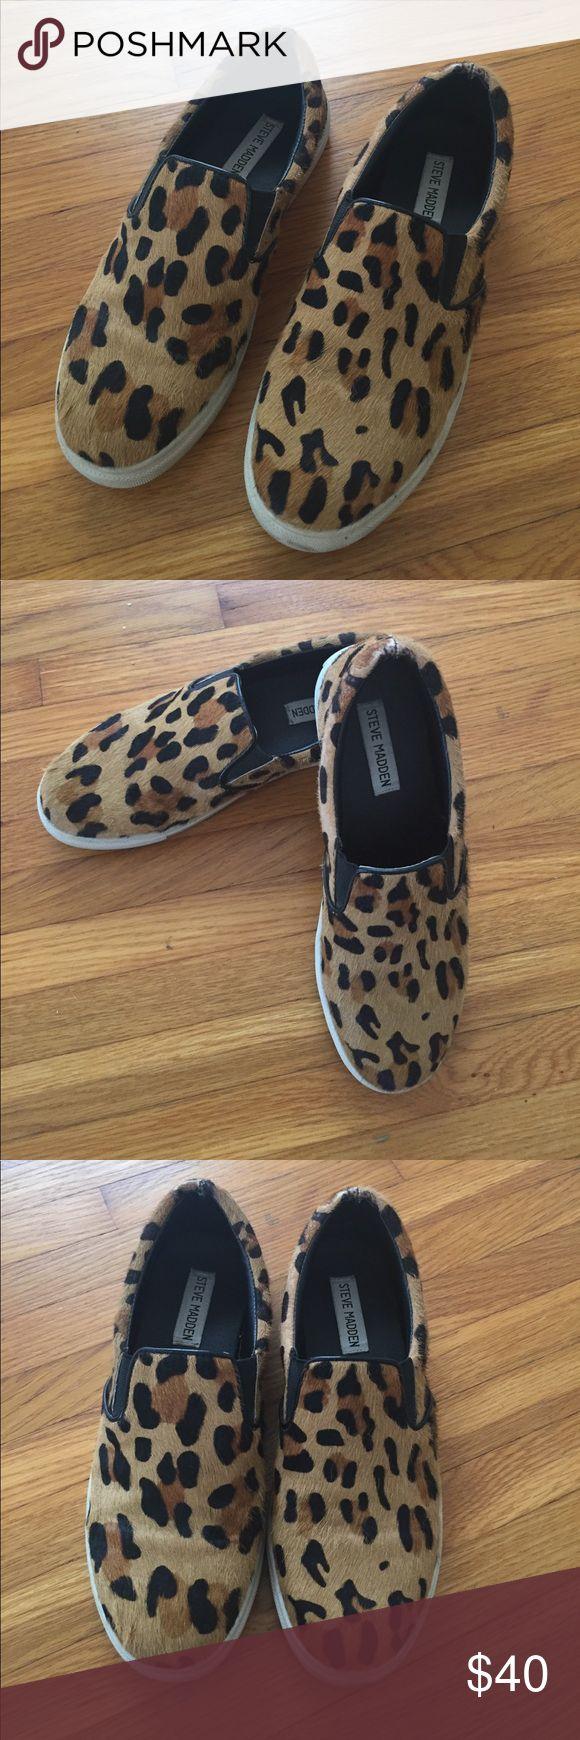 Steve Madden Leopard Print Slip on Sneakers Size 7 - women's Steve Madden Shoes Sneakers